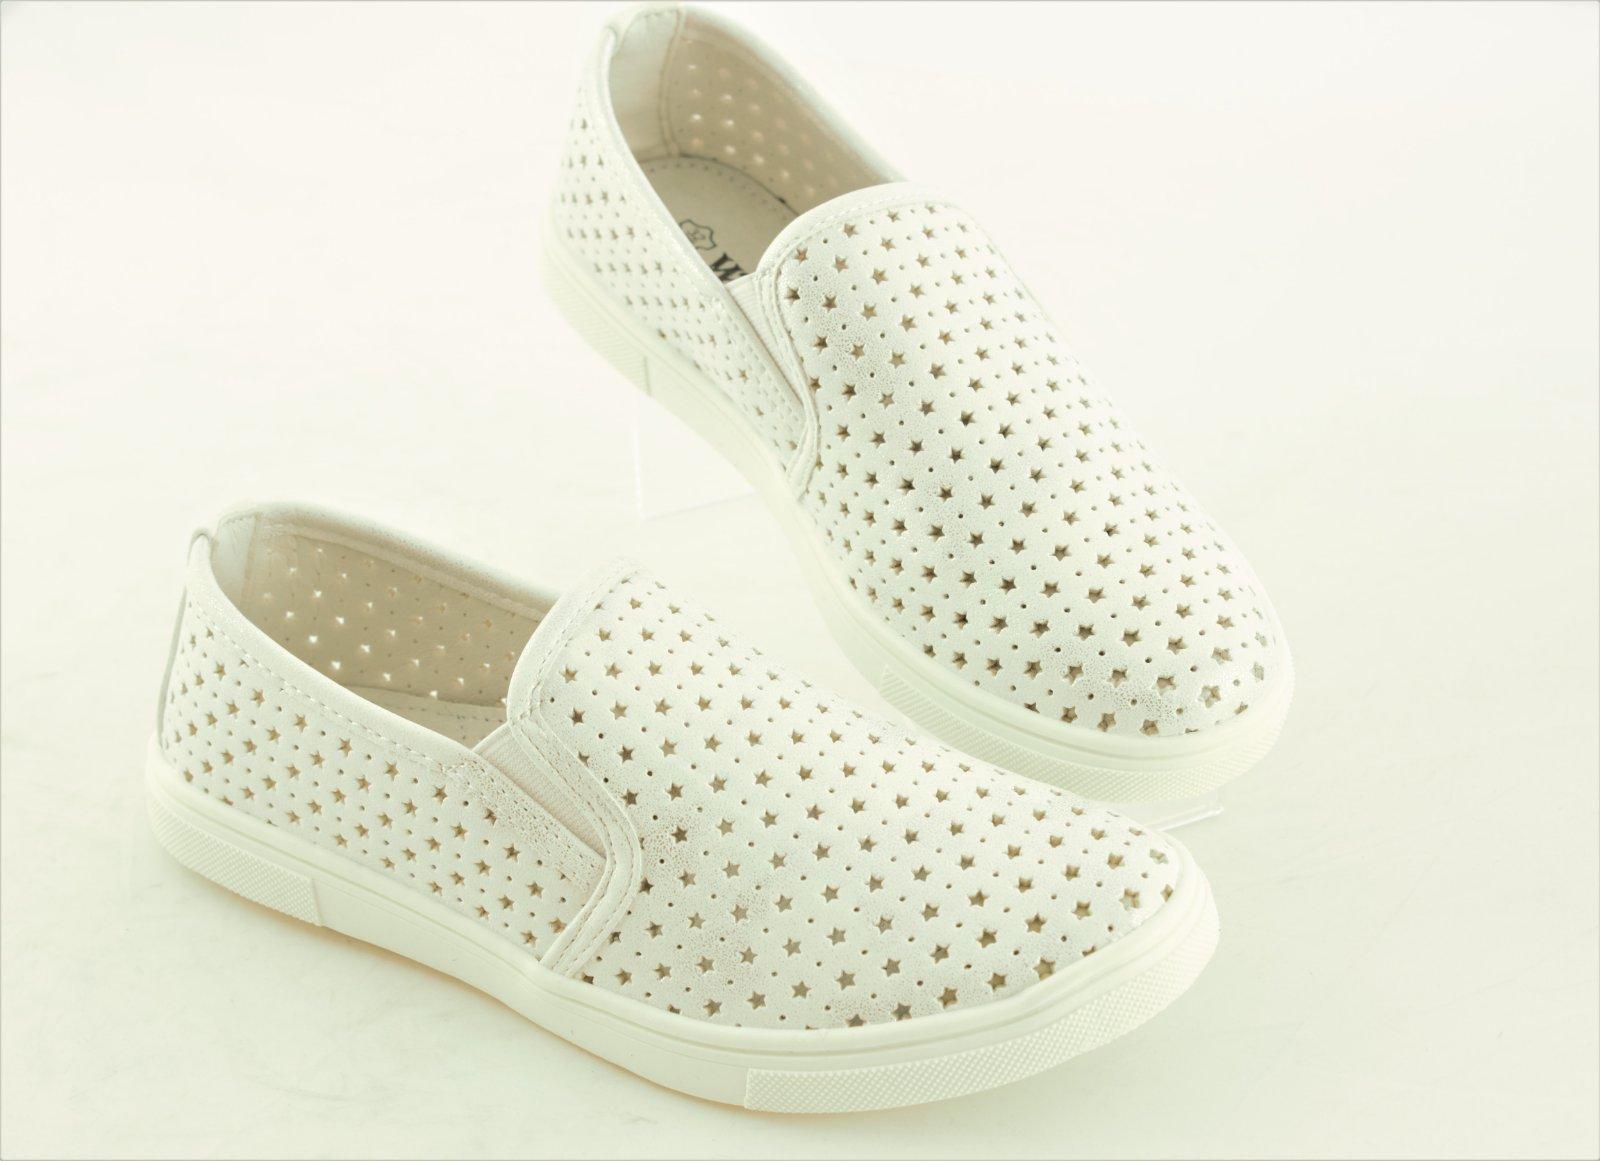 6bac70cdb2 Detské perforované topánky 19 60010 b